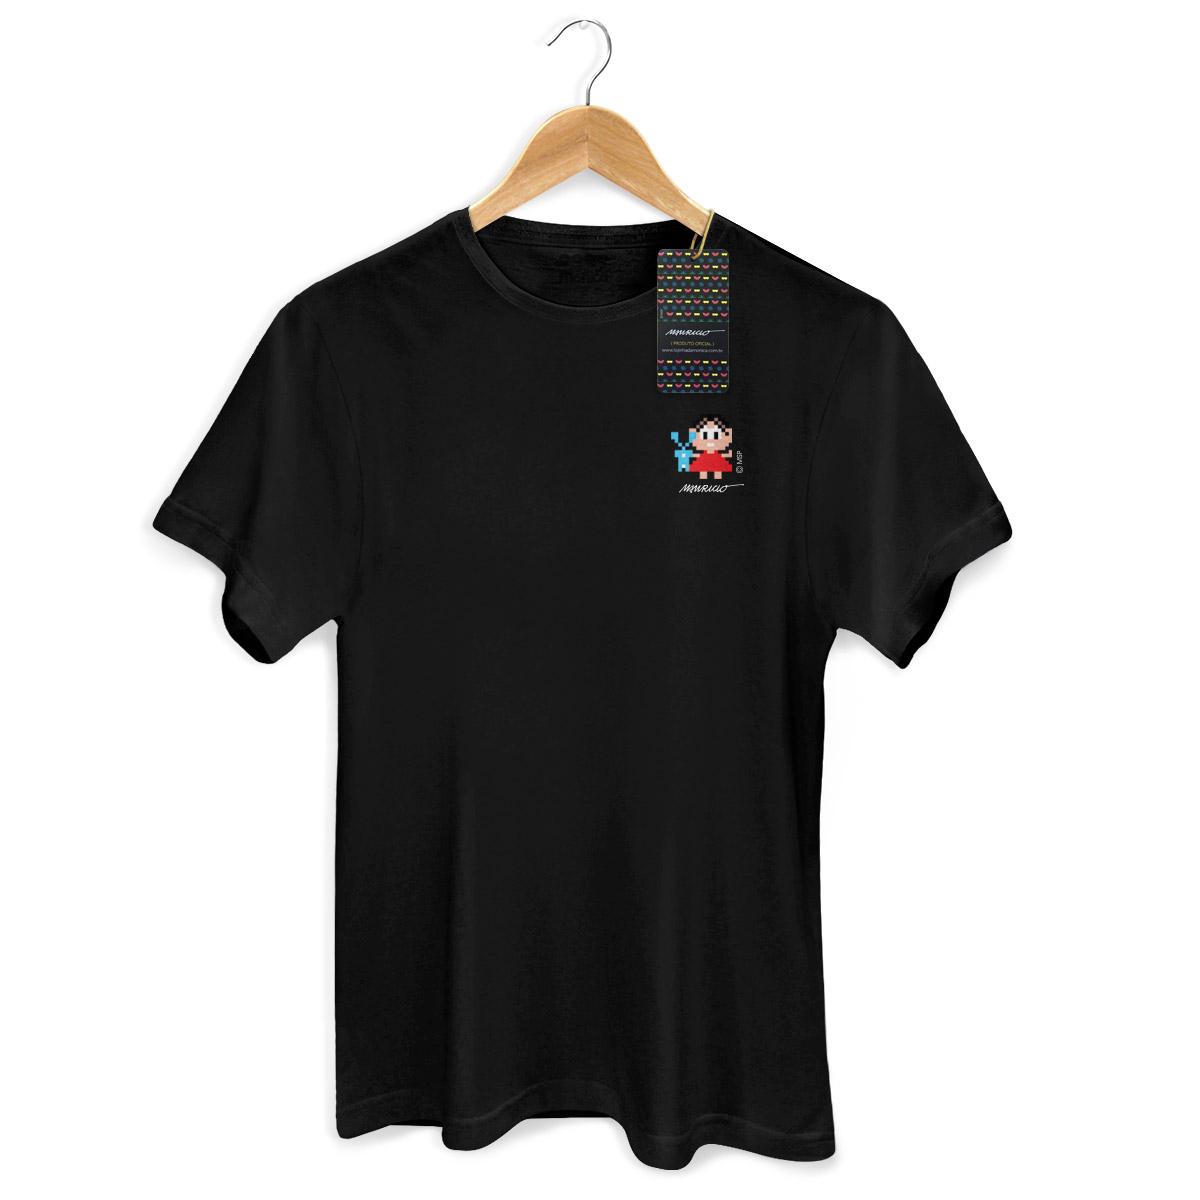 Camiseta Masculina Turma da Mônica 50 Anos Modelo 1 Anos 80